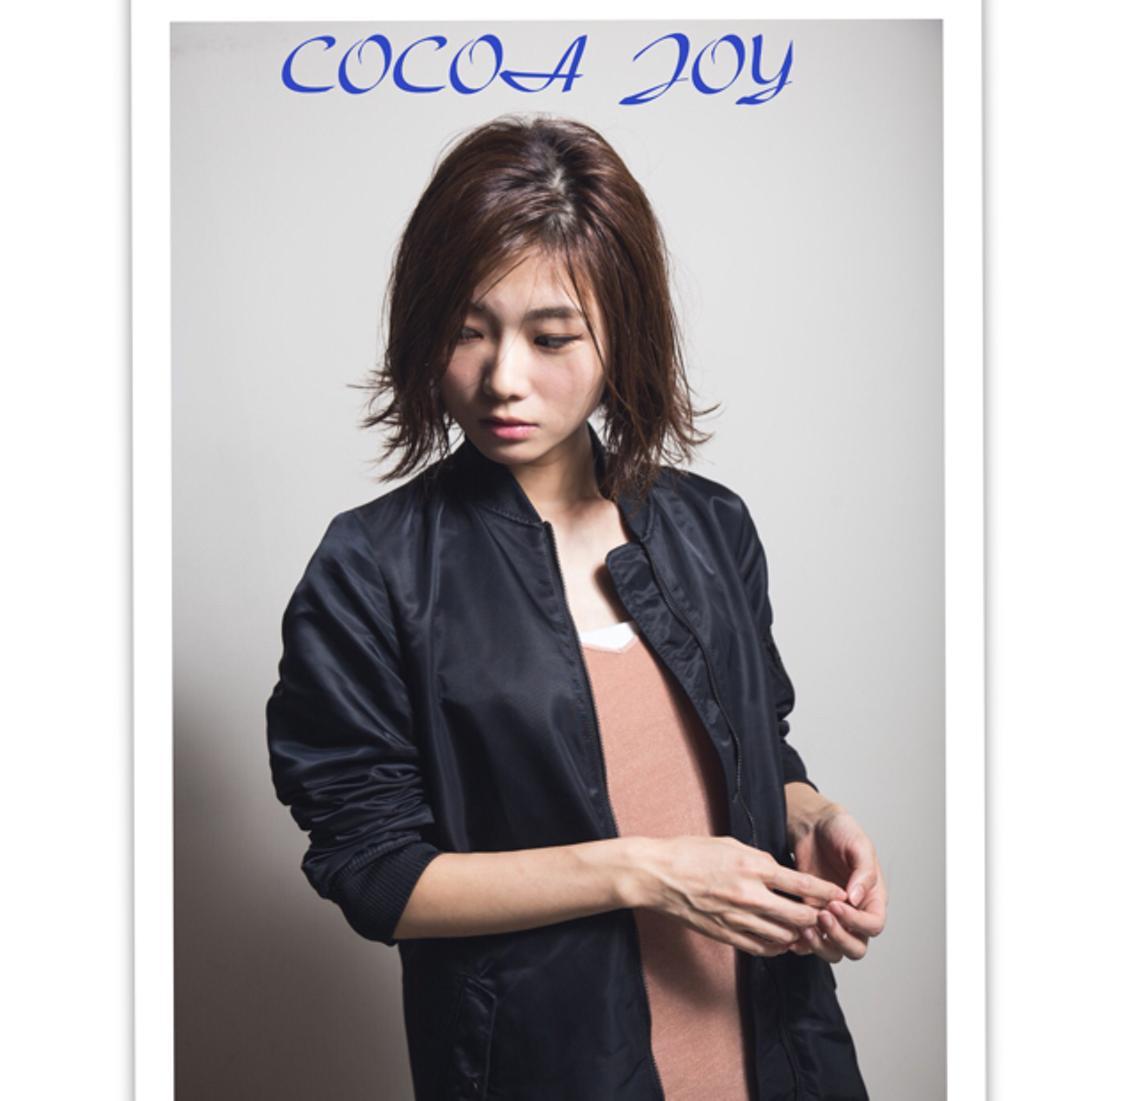 COCOAはおかげさまで2周年を迎えることができました。さらに5月から新店舗のCOCOAJOYがオープンいたしました!!